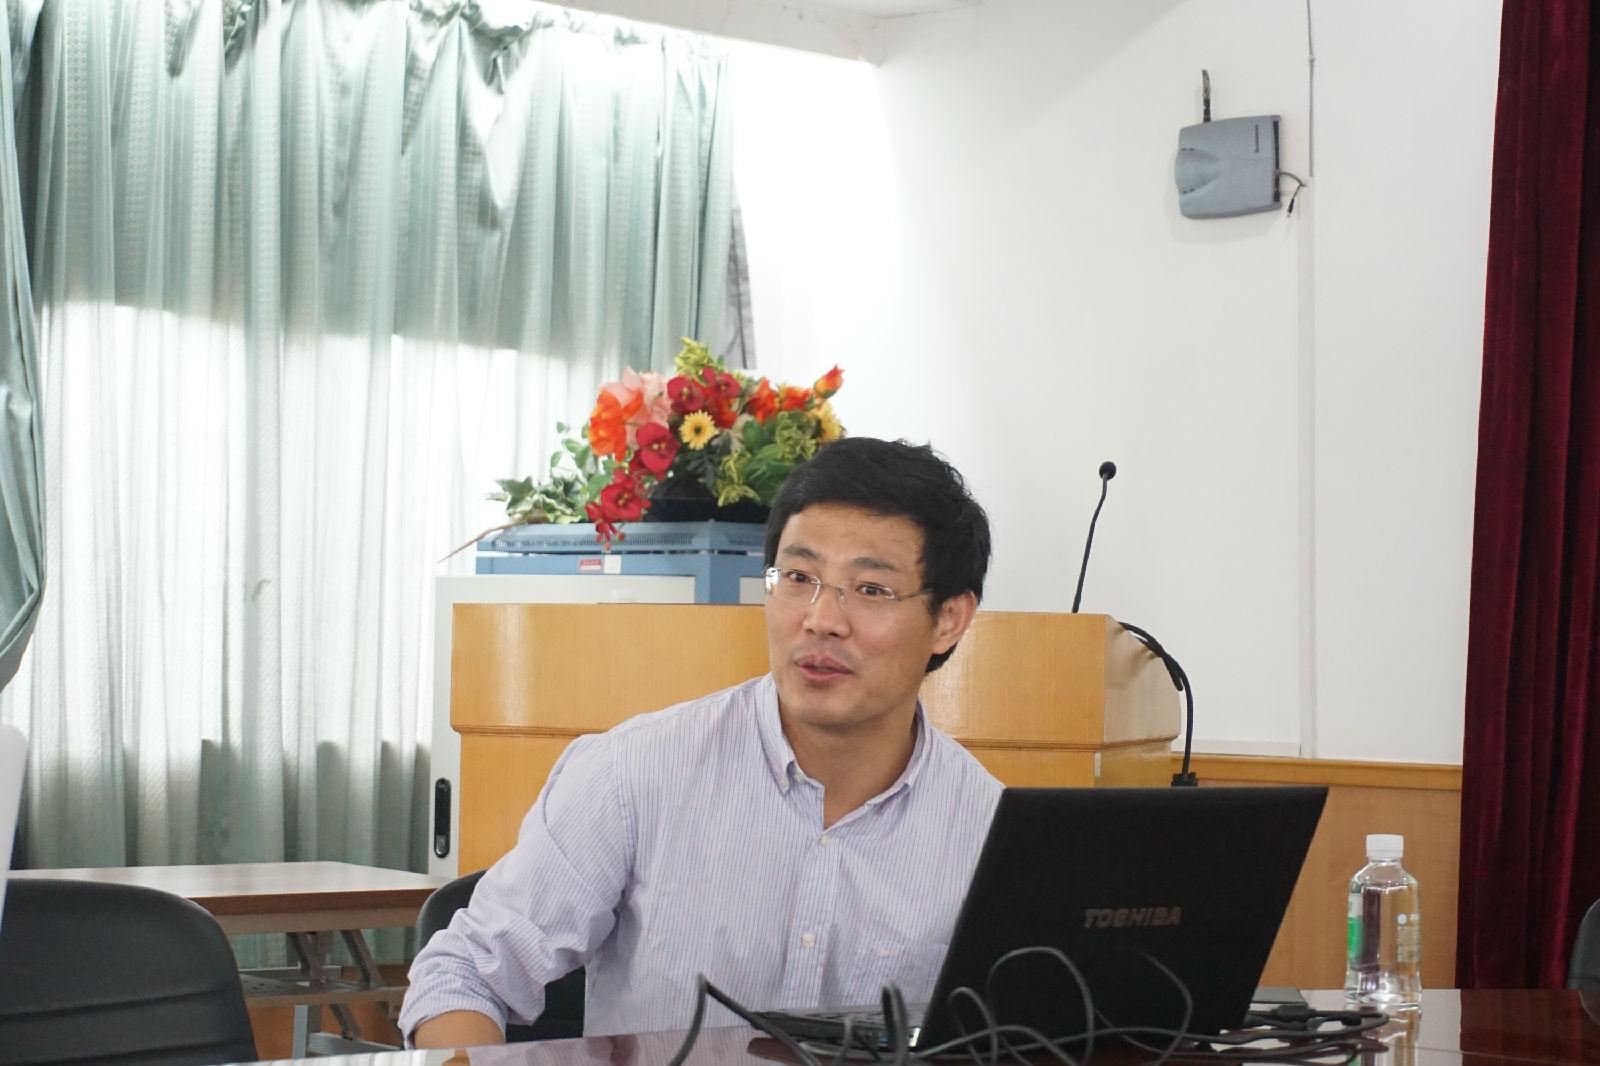 【教信学院】南洋理工大学王其云副教授应邀到我校教育信息技术学院做学术报告